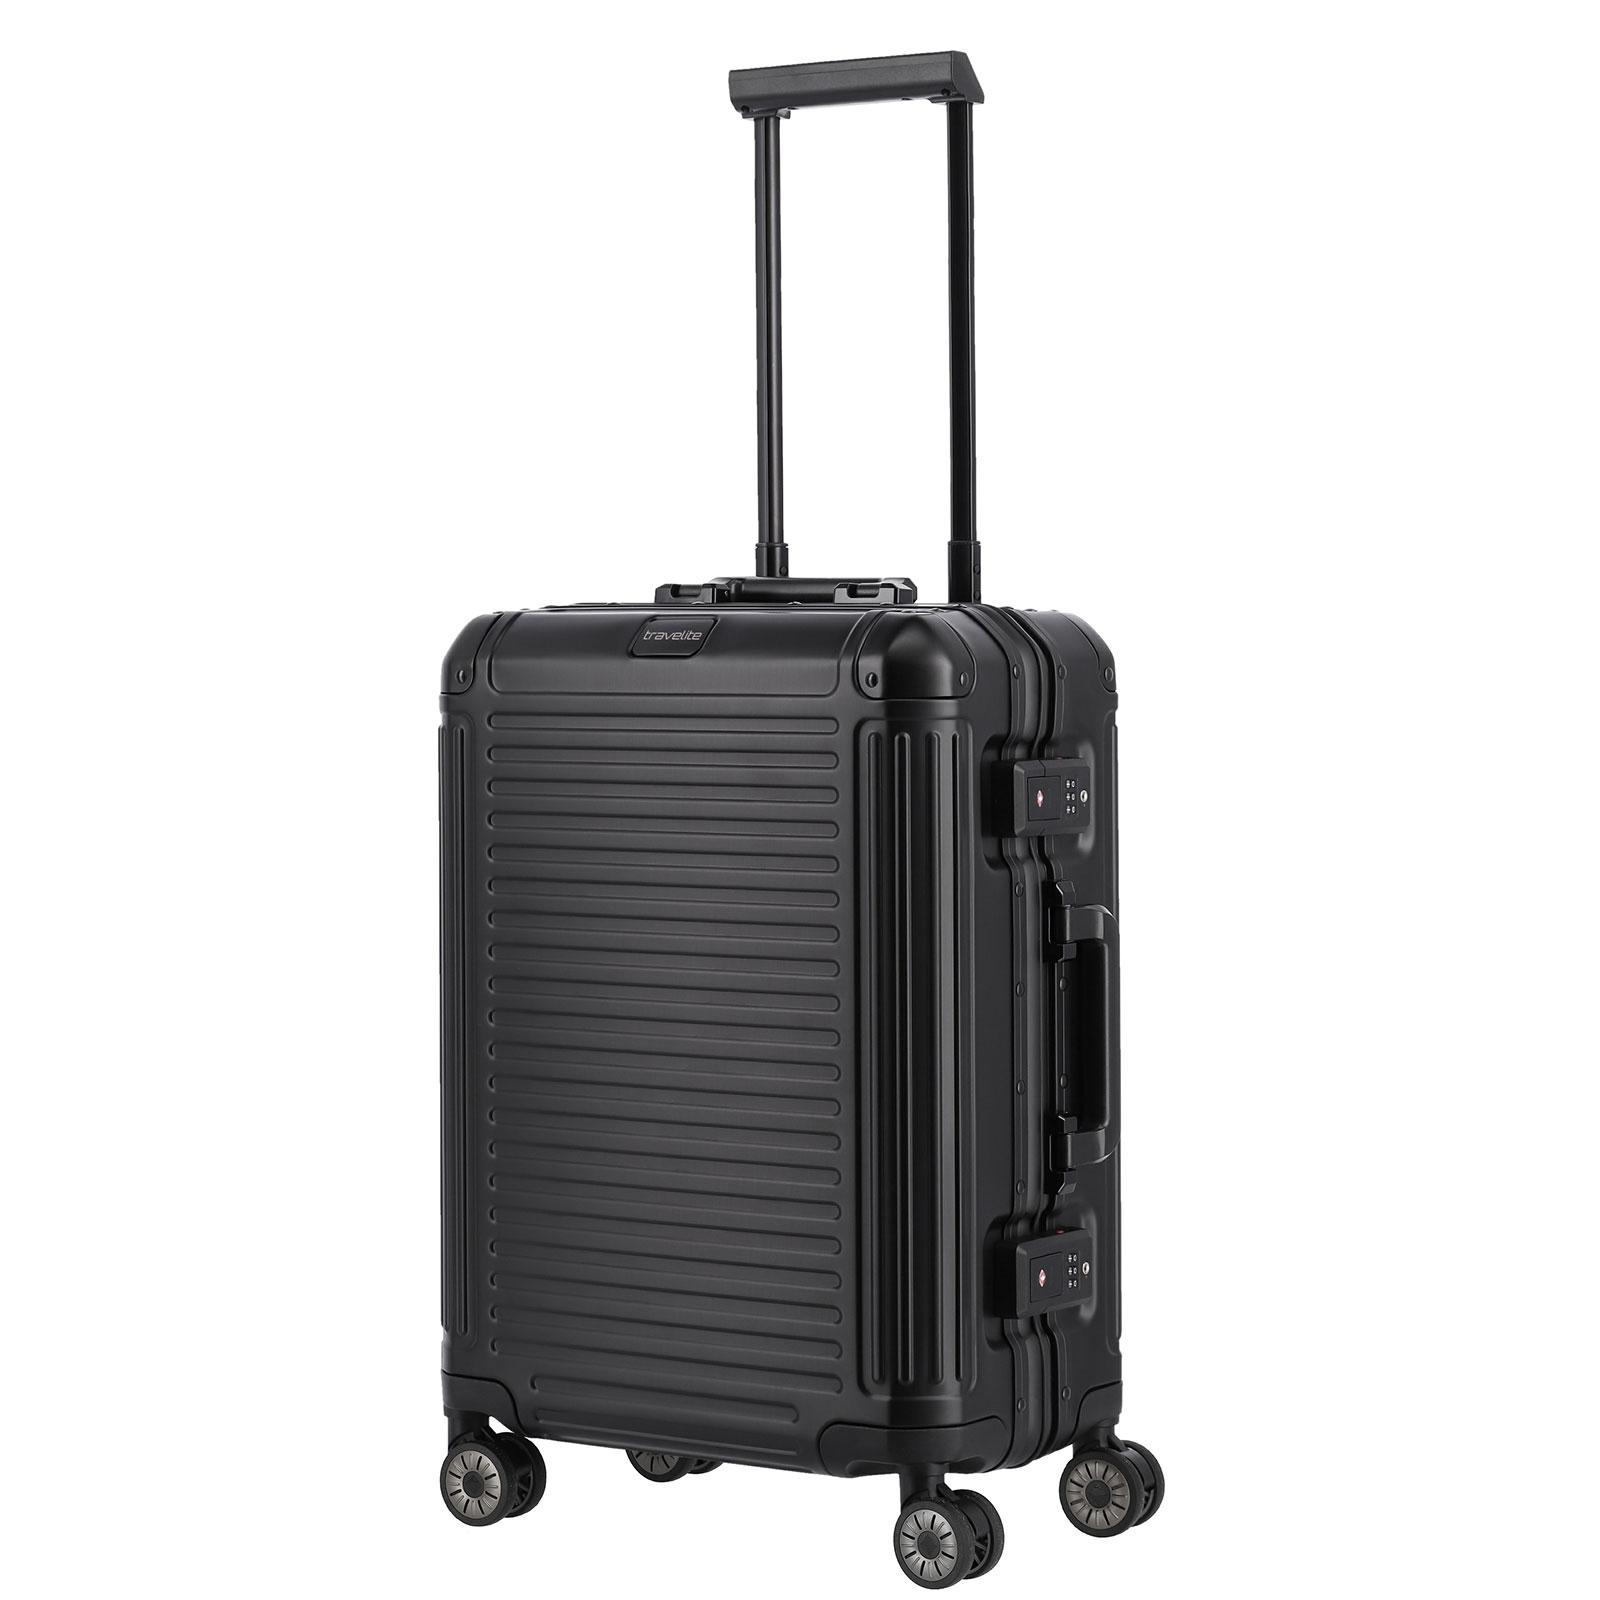 Koffer travelite Next Handgepäck Trolley S, 4 Rollen, 55 cm, 39  L, Schwarz